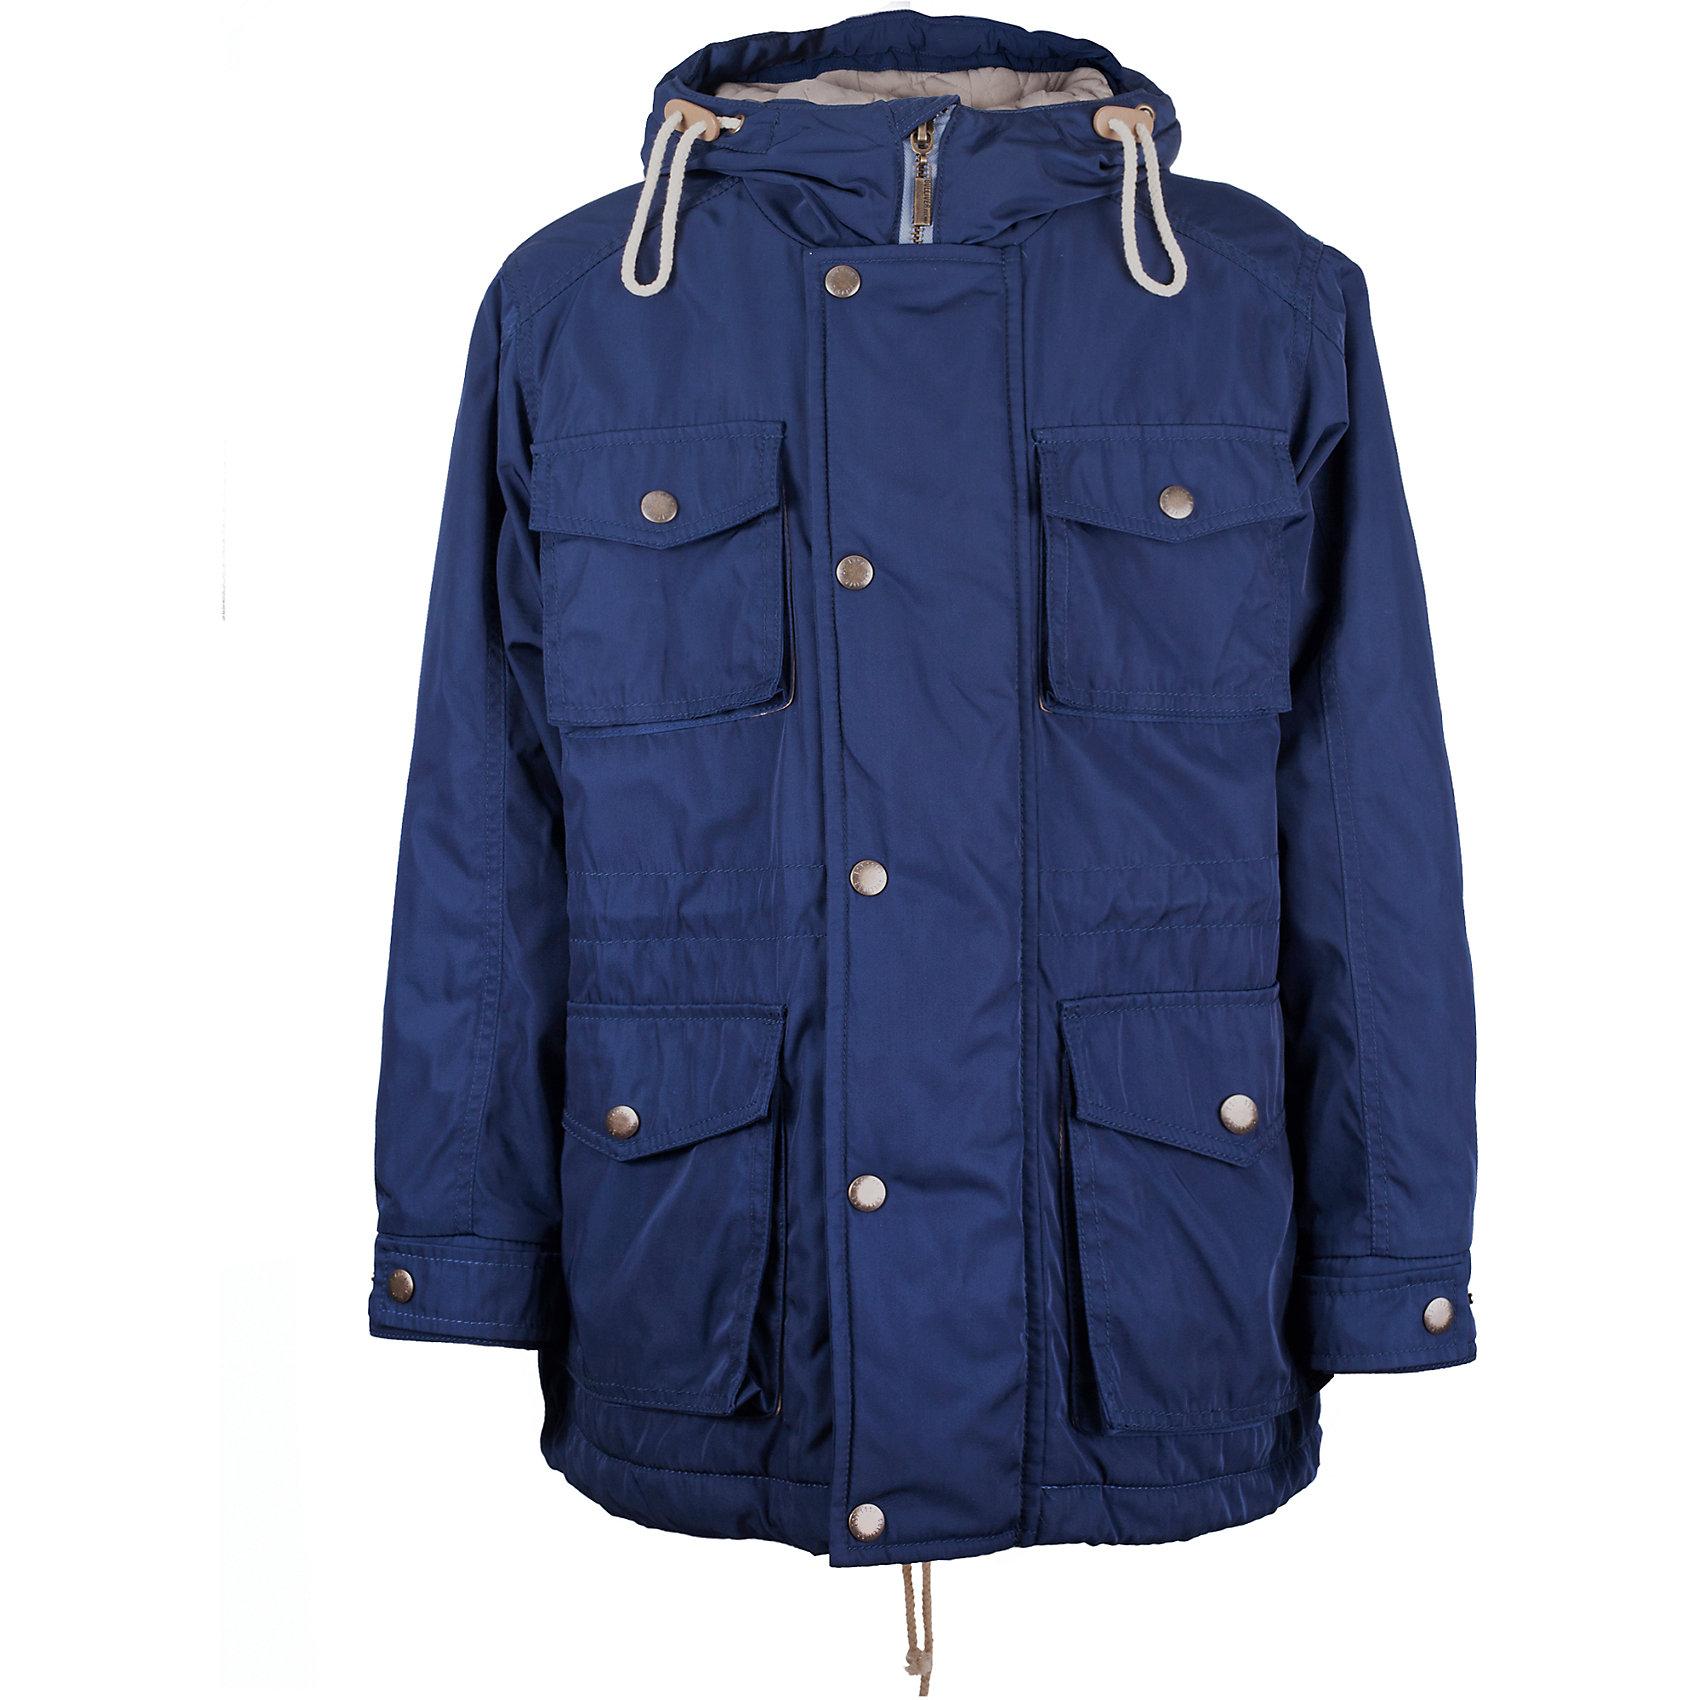 Куртка для мальчика GulliverДемисезонные куртки<br>Куртка-парка - бесспорный хит сезона Весна/Лето 2017! Выполненная в лучших традициях стиля casual, синяя парка  -  прекрасный образец модной утепленной куртки для мальчика-подростка. Объемные карманы с клапанами, налокотники, функциональные детали, стильная брендированная фурнитура делают эту куртку ярким, заметным, энергичным элементом коллекции. Вы хотите купить стильную практичную куртку для мальчика-подростка? Синяя куртка-парка даже лучше, чем вы ожидаете!<br>Состав:<br>верх:  100% полиэстер; подкладка: 50% хлопок 50% полиэстер; утеплитель: 100% полиэстер<br><br>Ширина мм: 356<br>Глубина мм: 10<br>Высота мм: 245<br>Вес г: 519<br>Цвет: синий<br>Возраст от месяцев: 132<br>Возраст до месяцев: 144<br>Пол: Мужской<br>Возраст: Детский<br>Размер: 152,164,146,158<br>SKU: 5483216